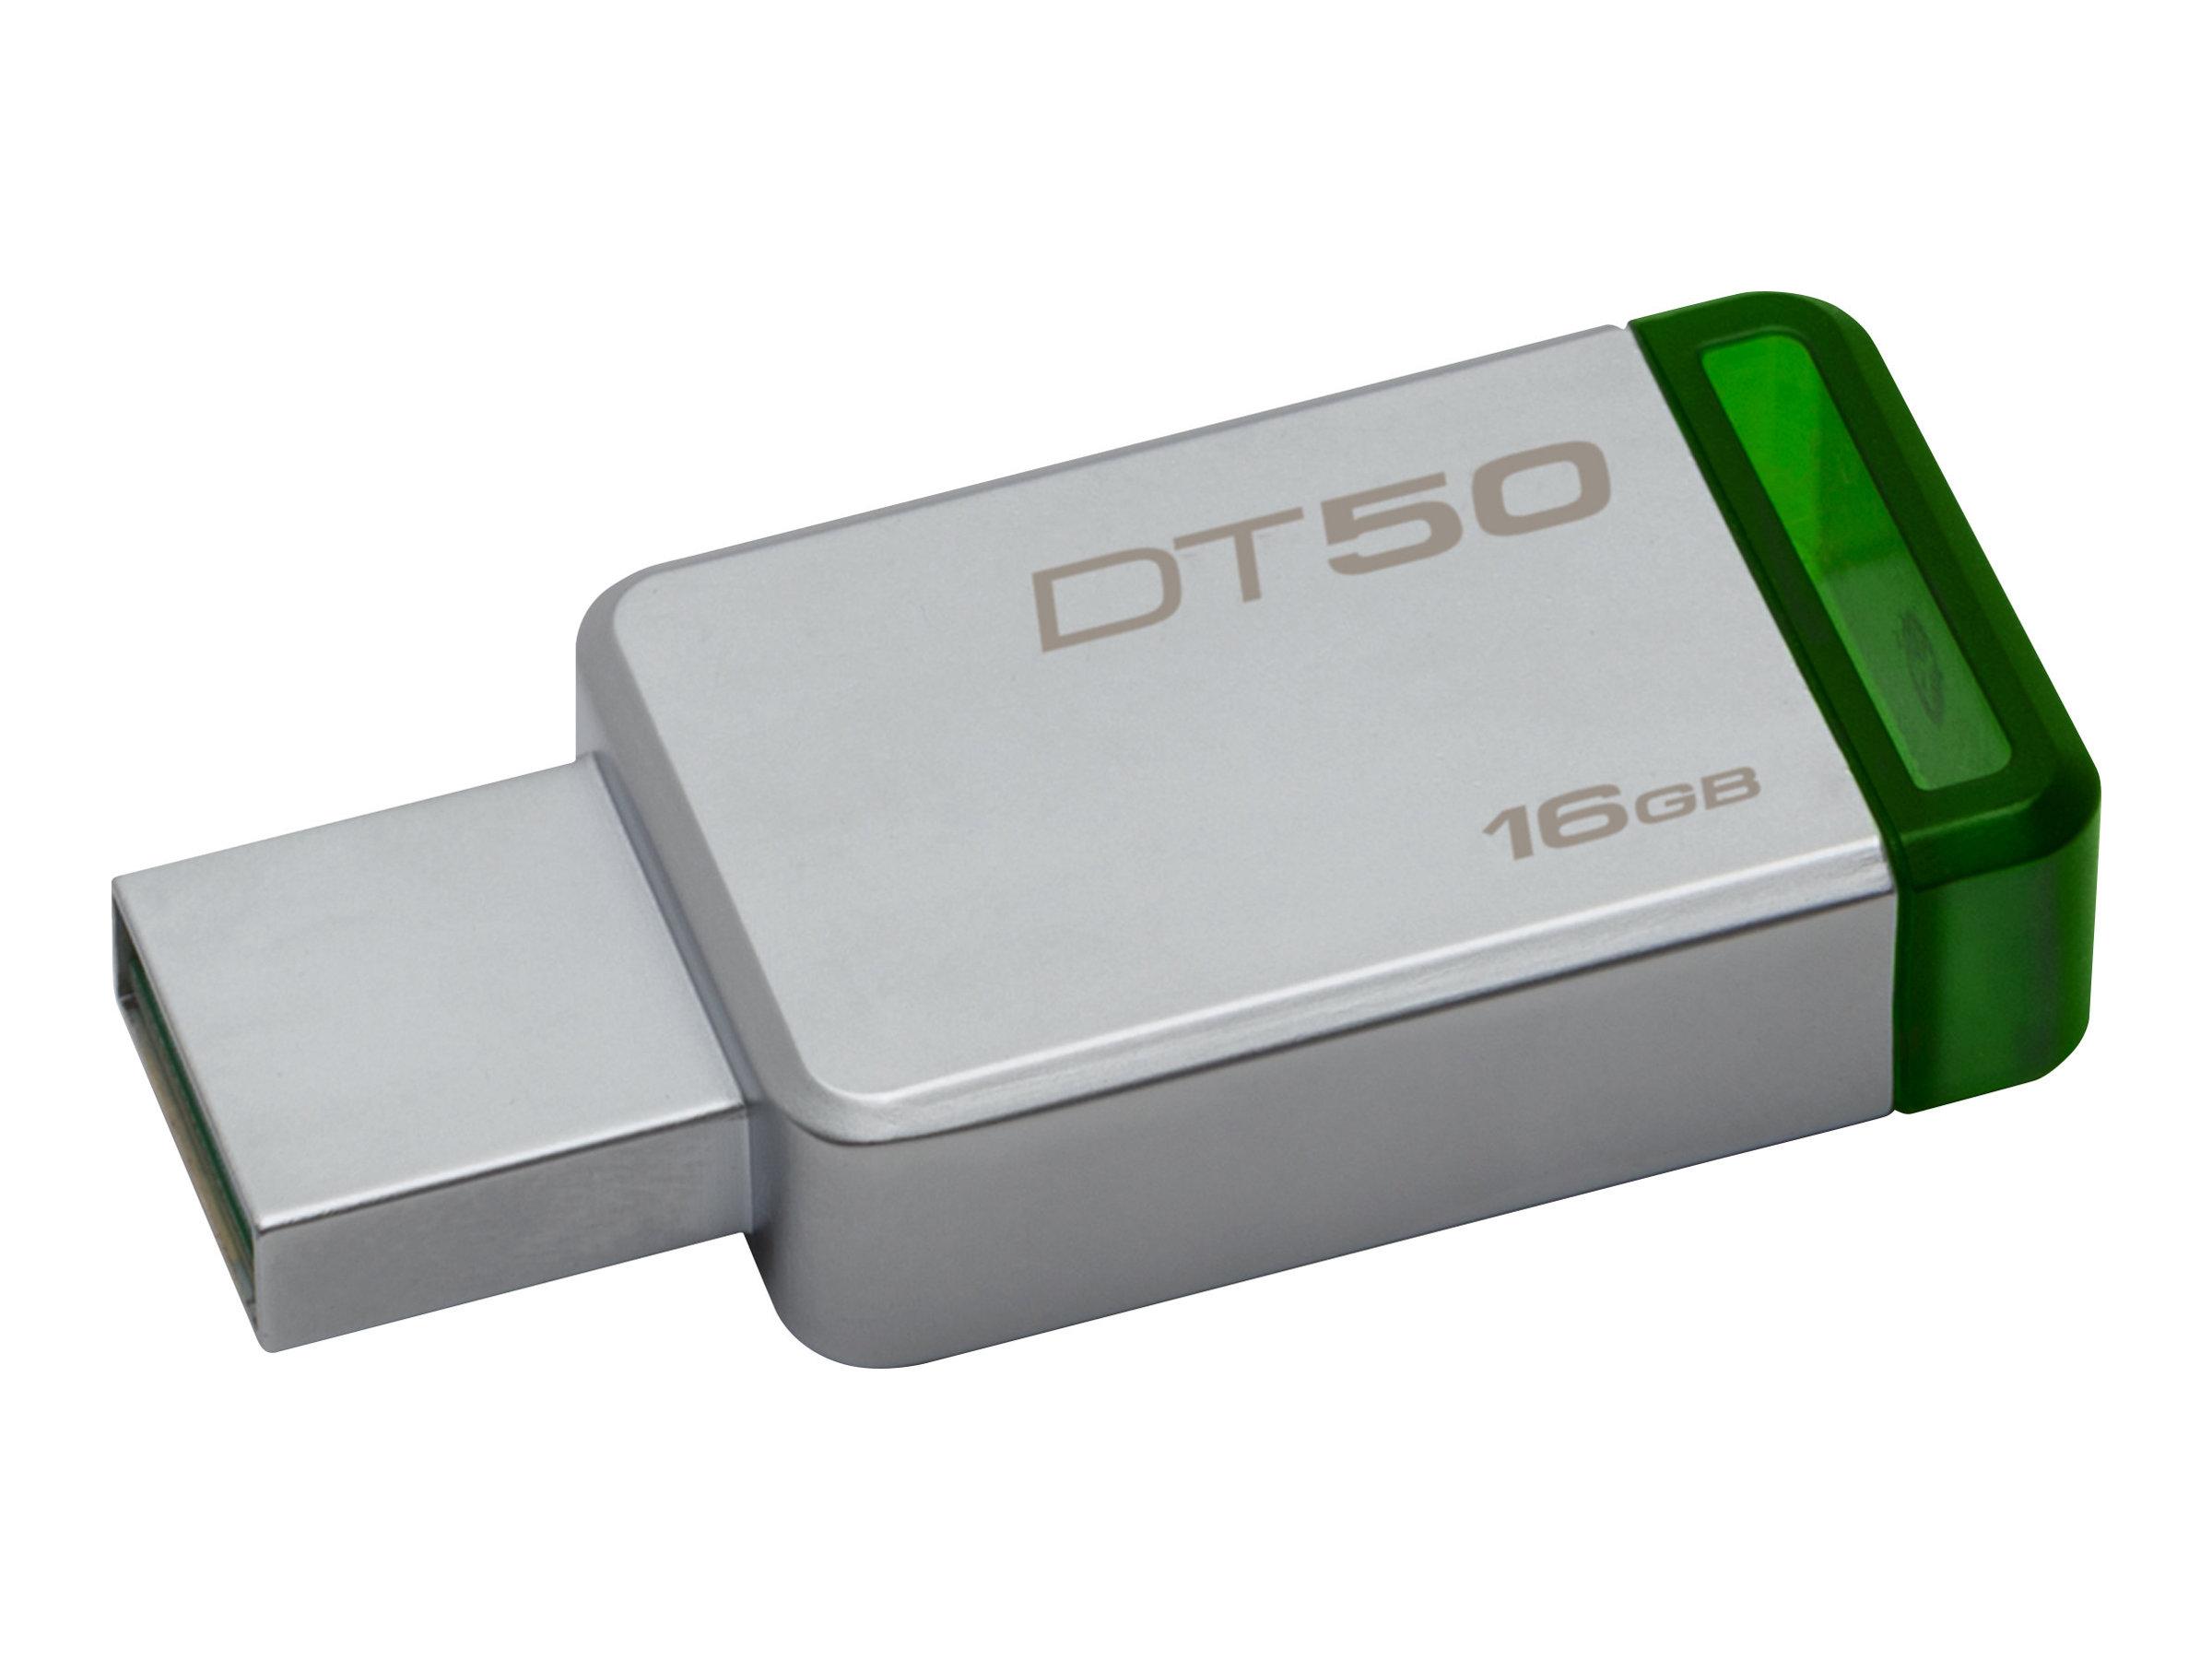 Kingston DataTraveler 50 - USB-Flash-Laufwerk - 16 GB - USB 3.1 - grün